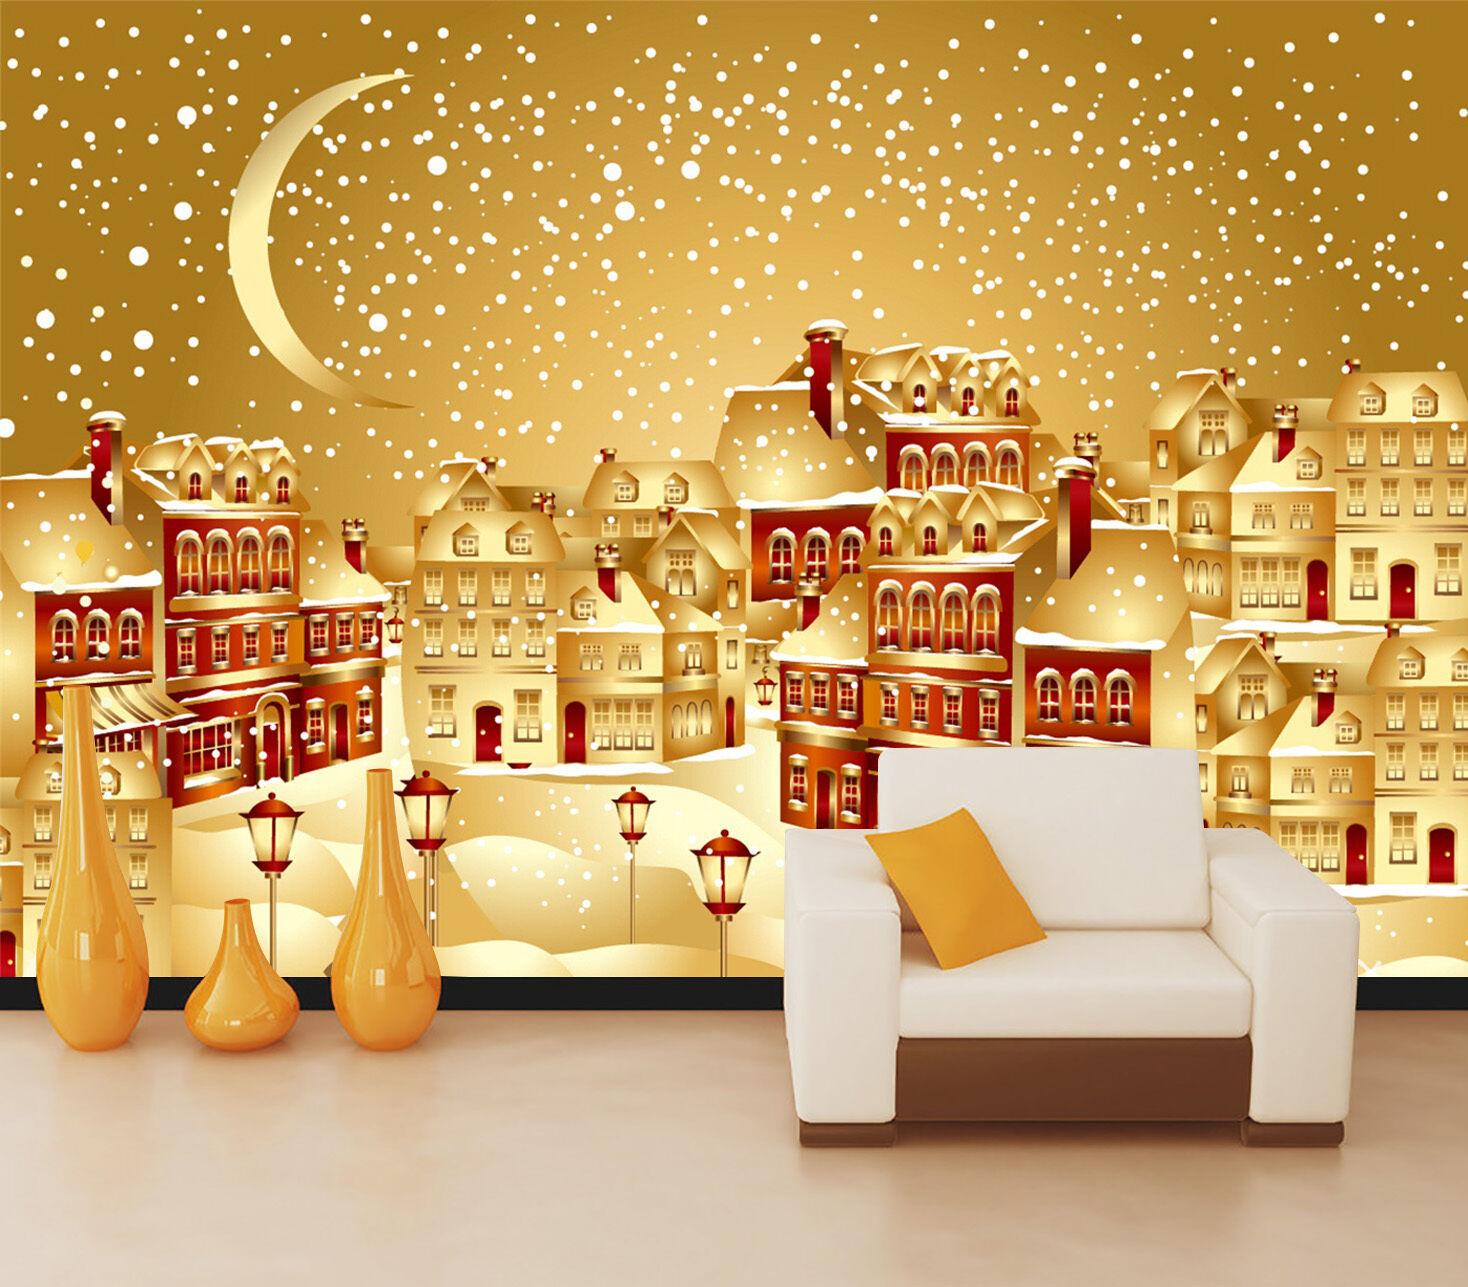 3D Weihnachten Schnee, Haus 64 Fototapeten Wandbild Bild Tapete Familie Kinder